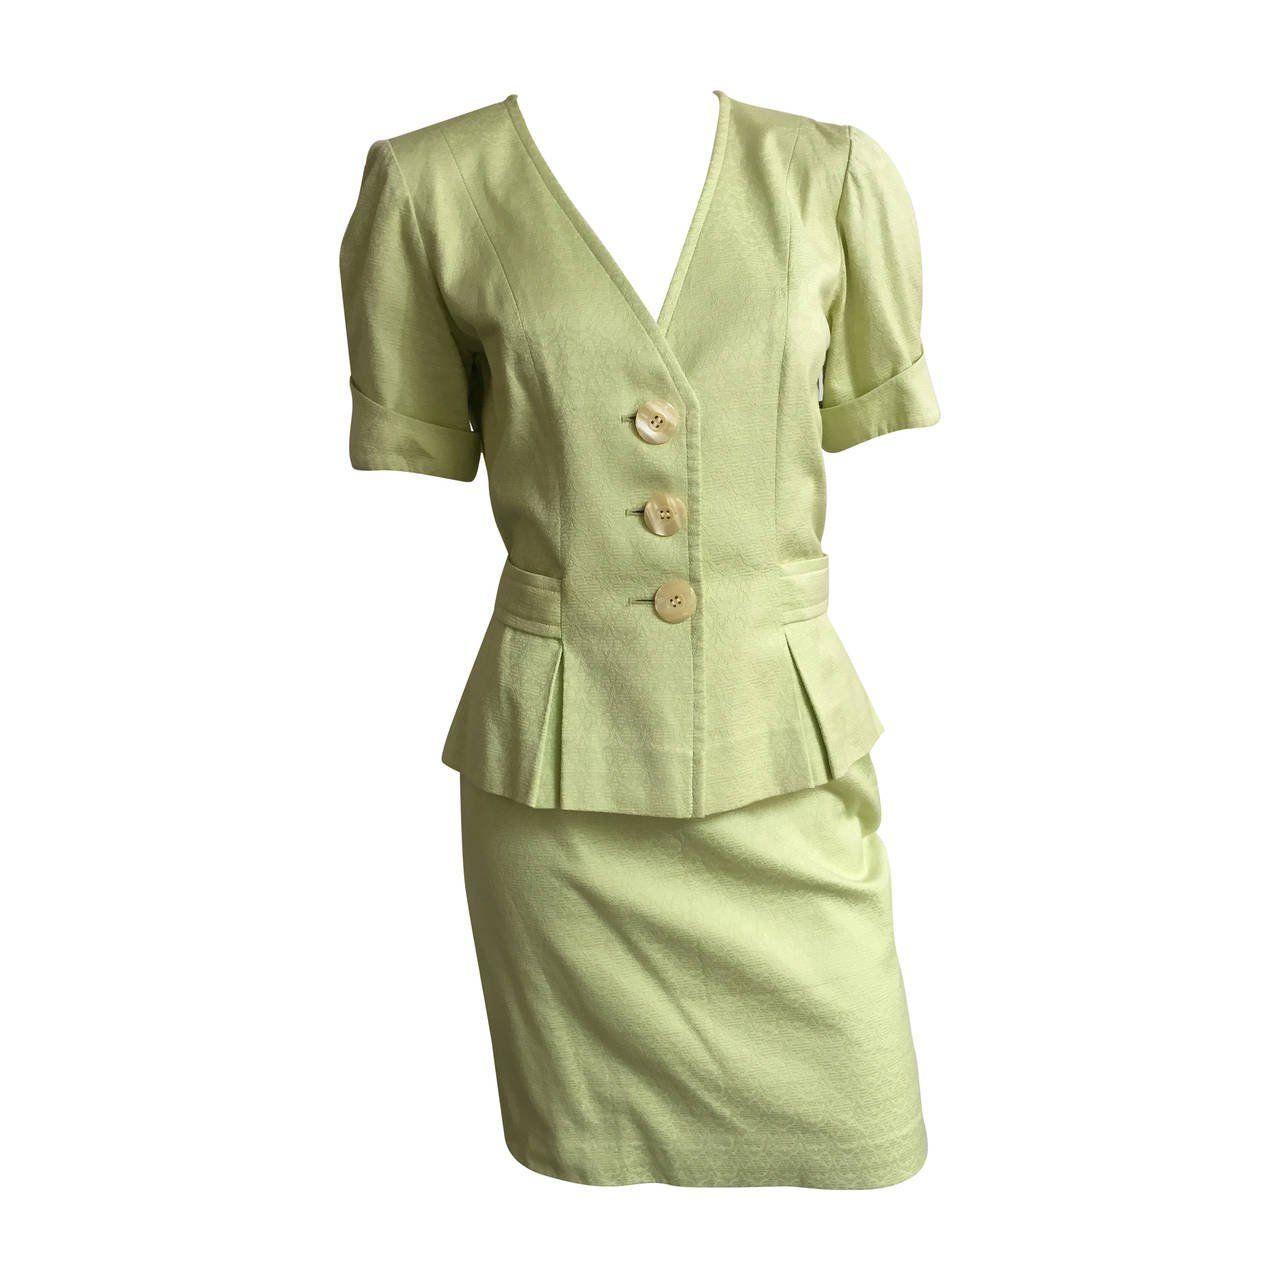 5f85b97e71 Yves Saint Laurent 80s Cotton Skirt Suit Size 6